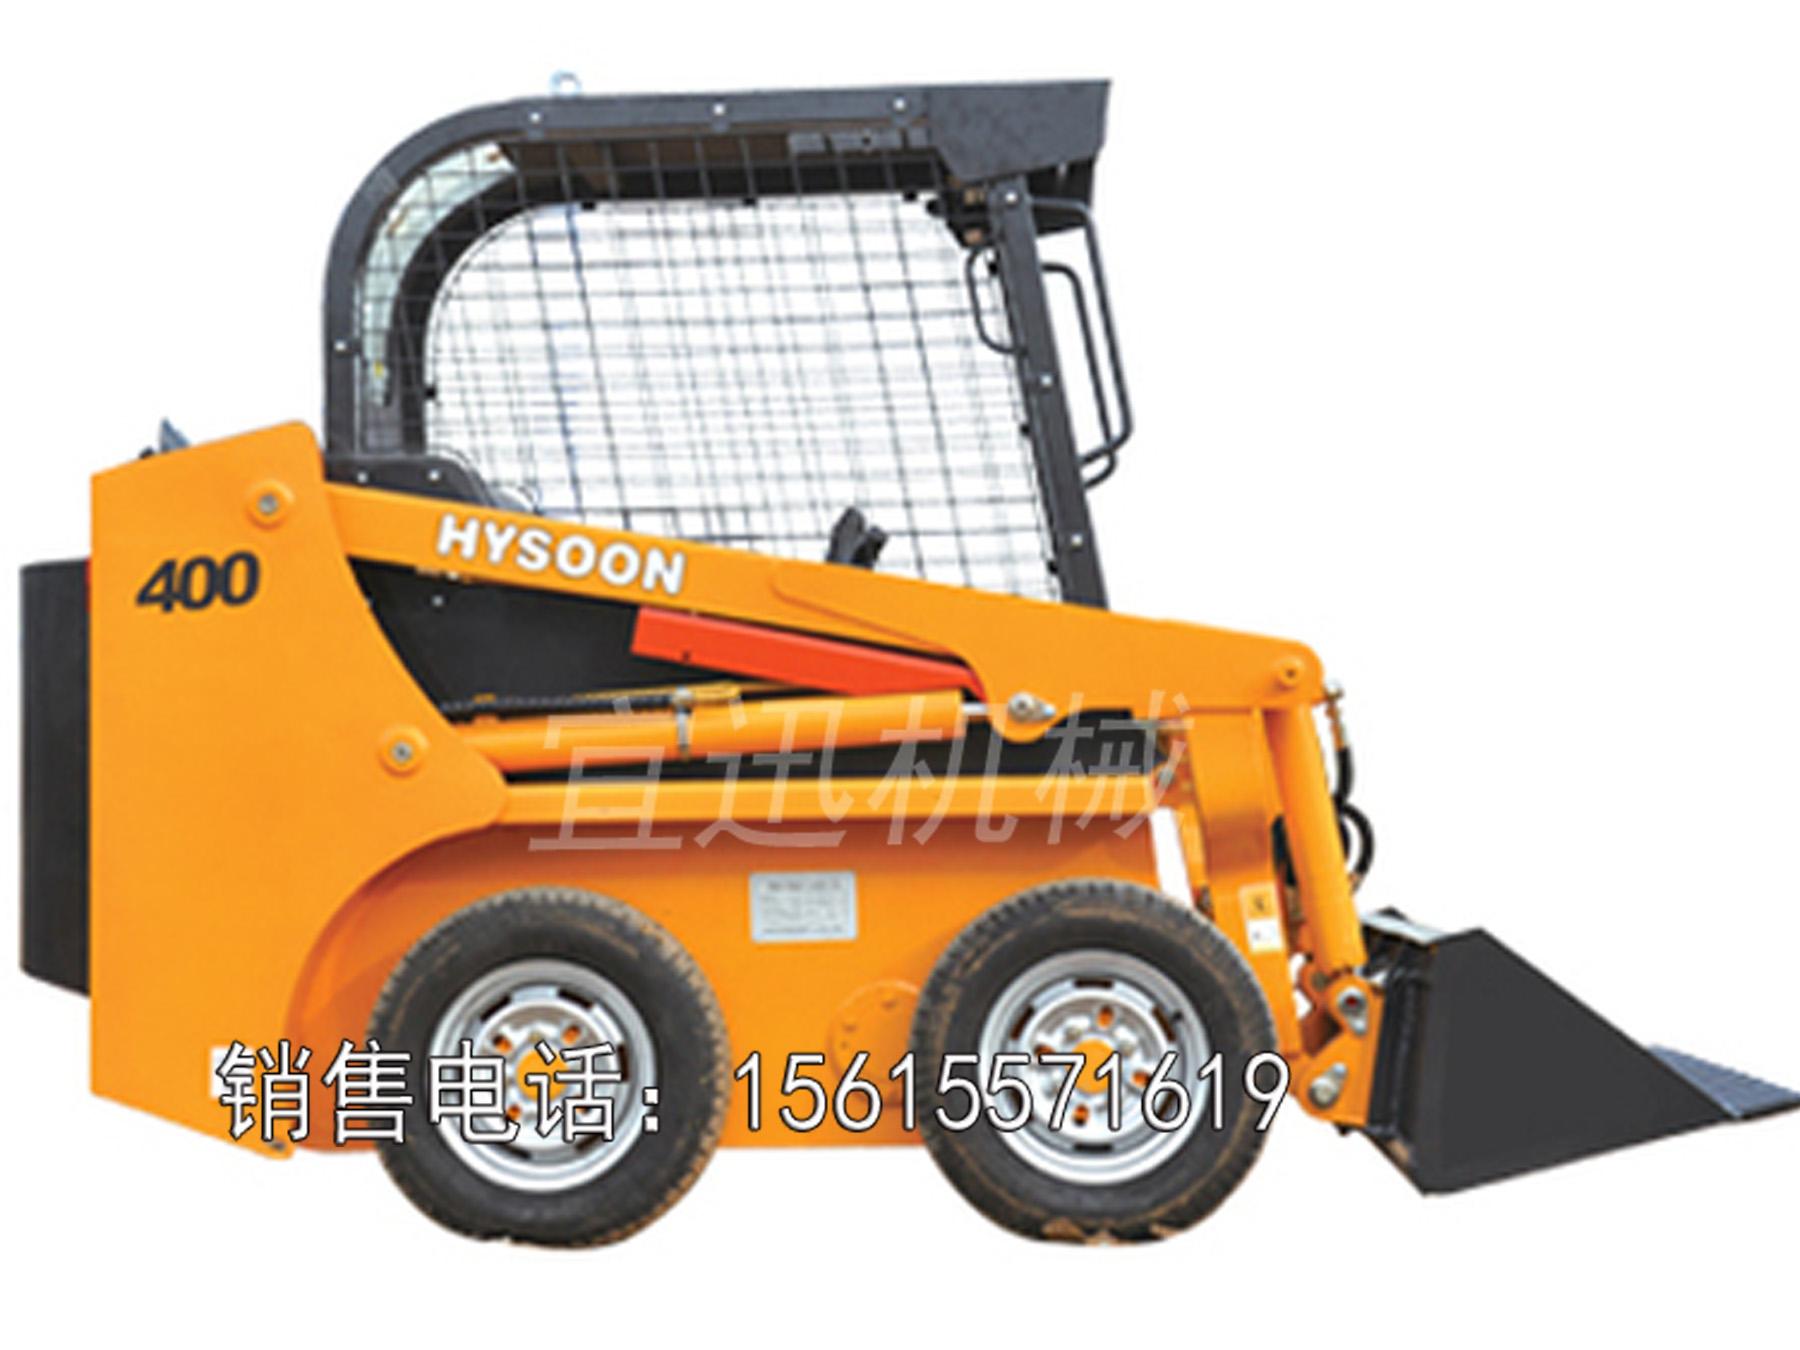 宜迅HY400滑移装载机/滑移除雪车高清图 - 外观